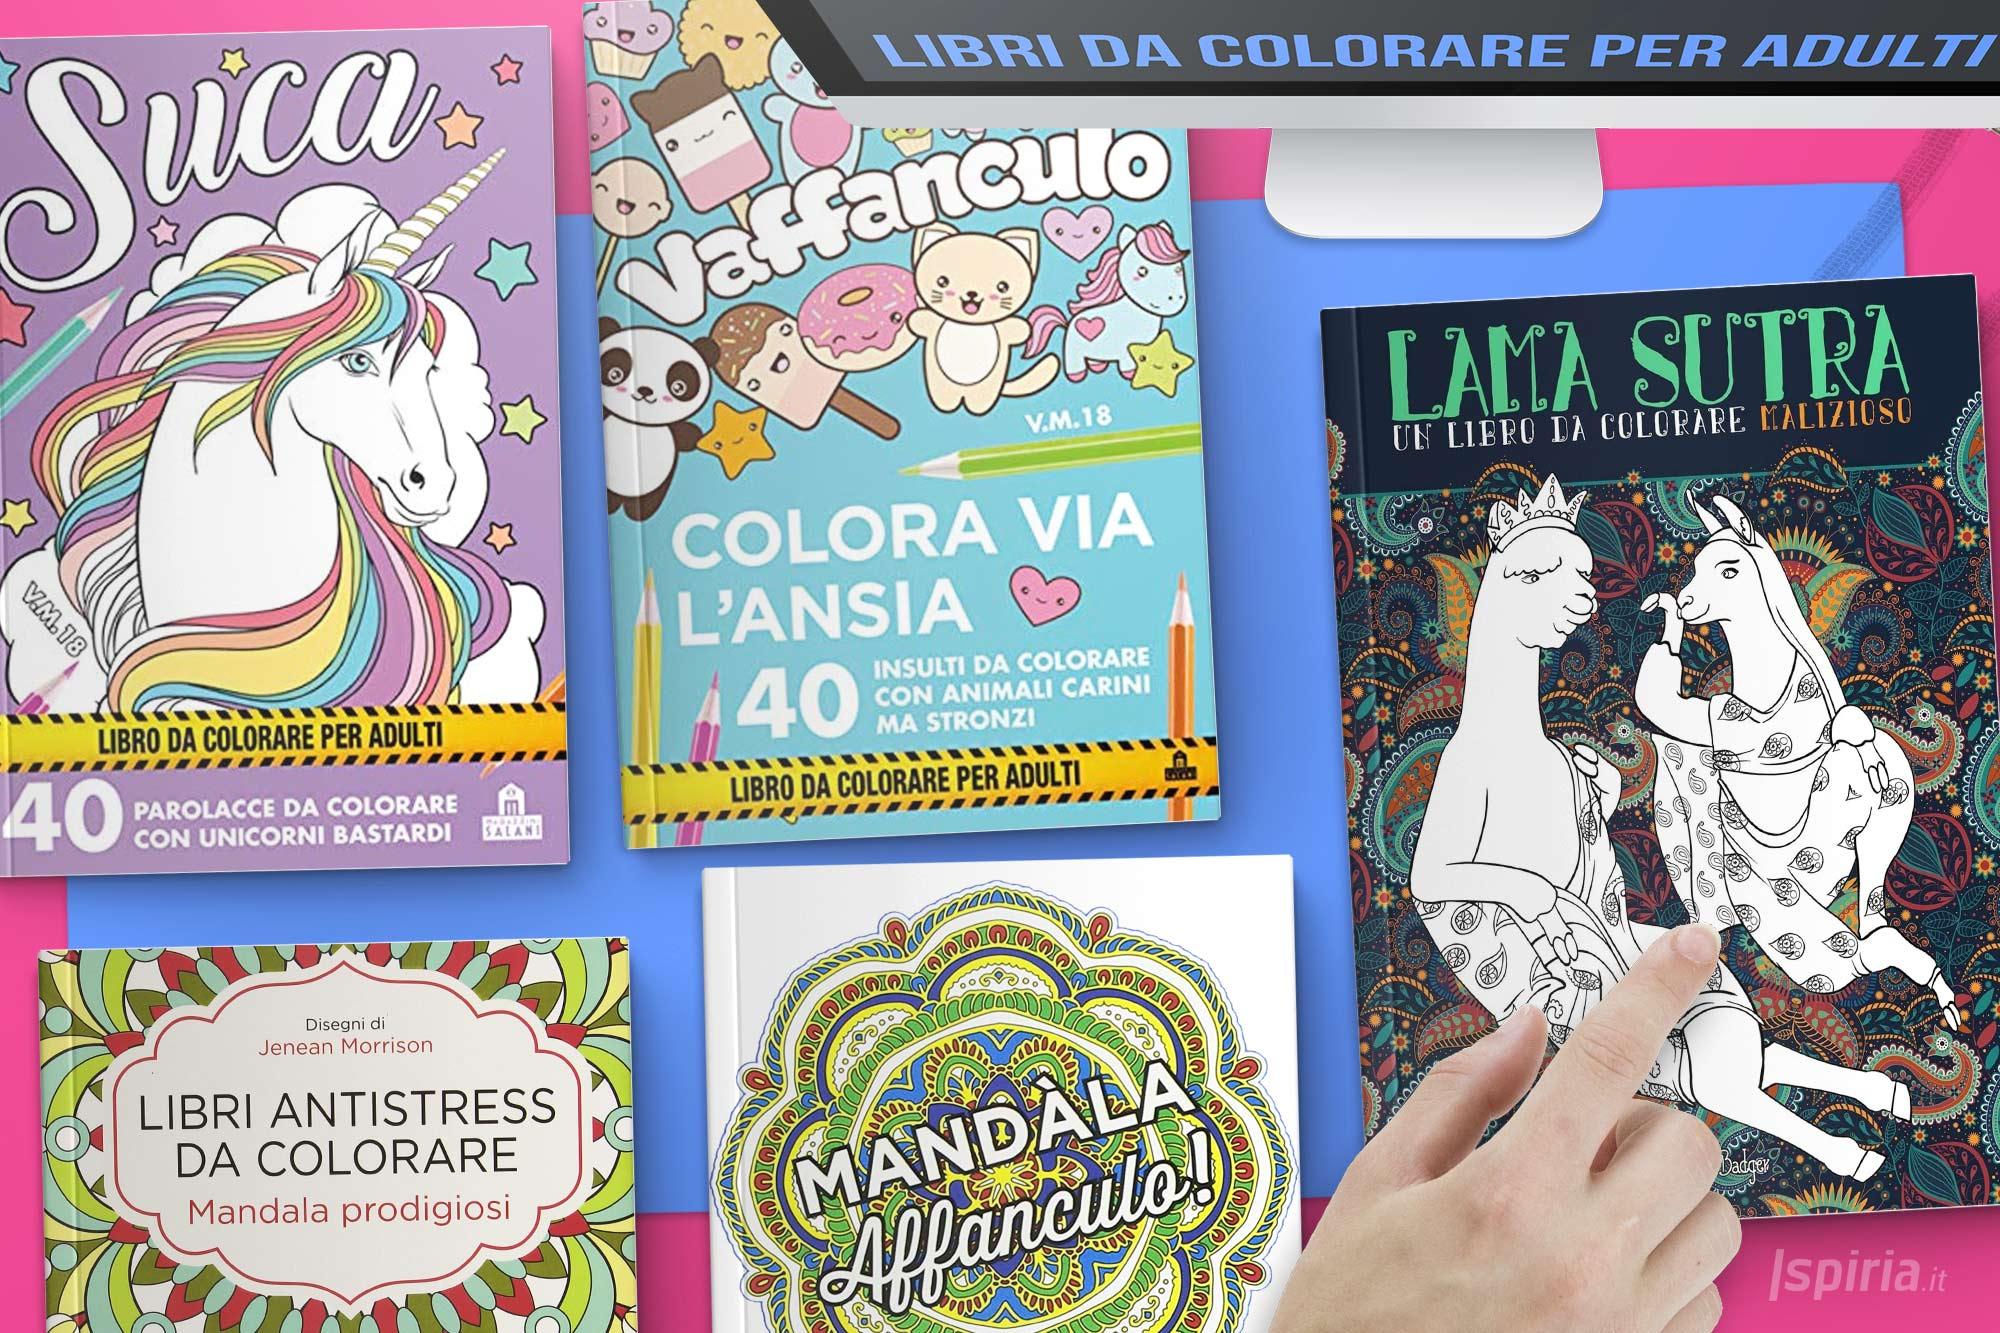 Migliori Libri Da Colorare Per Adulti [ Antistress, Mandala E Parolacce ]